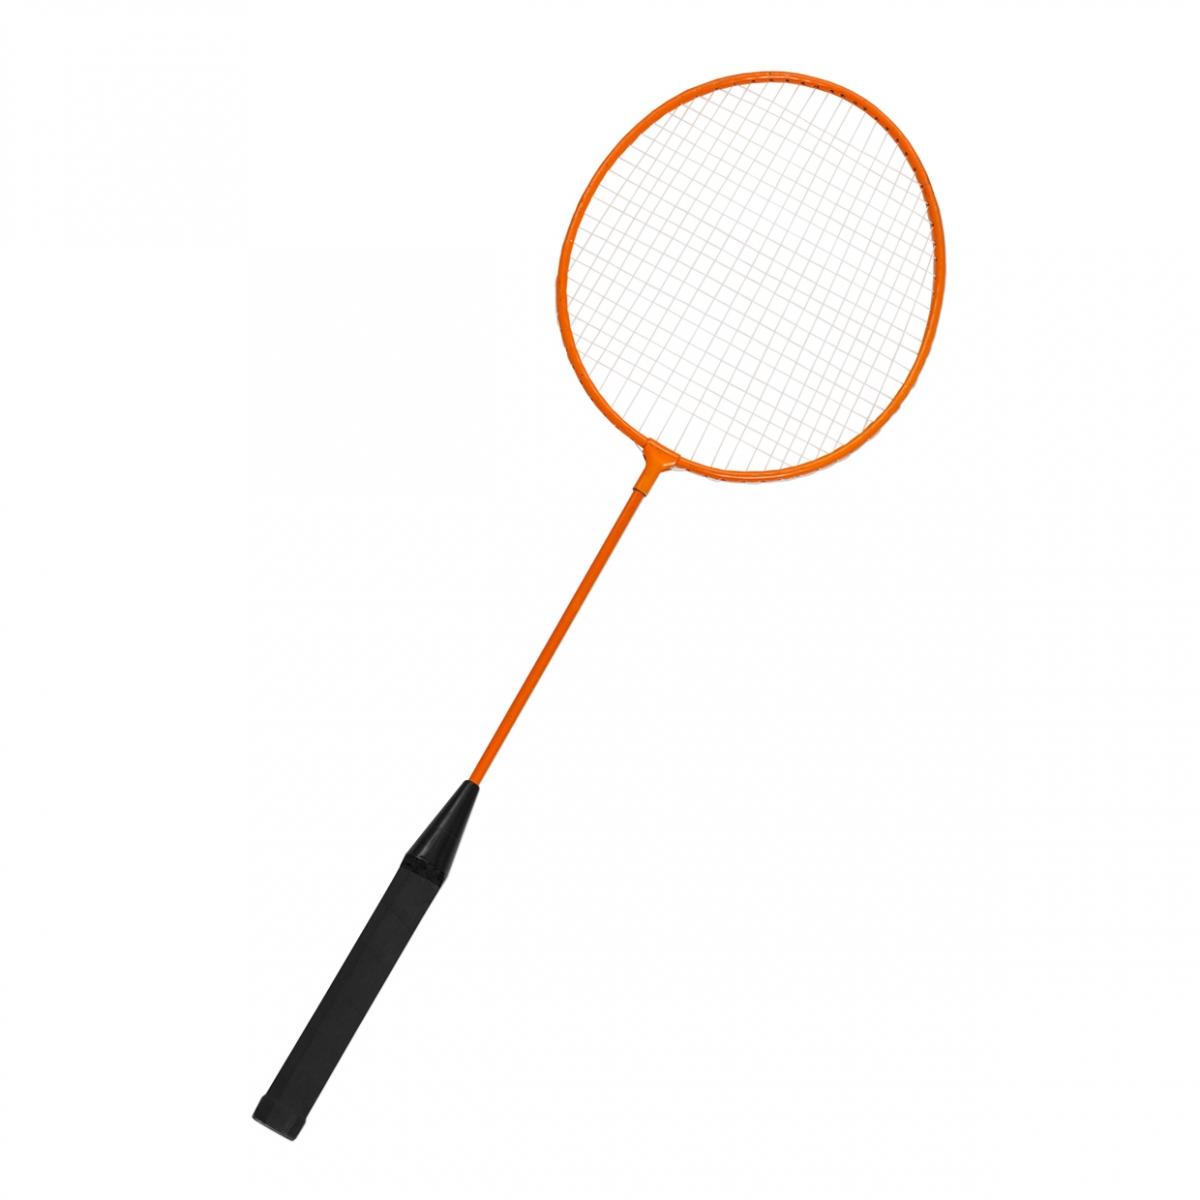 Imagen en la que se ve una raqueta de bádminton